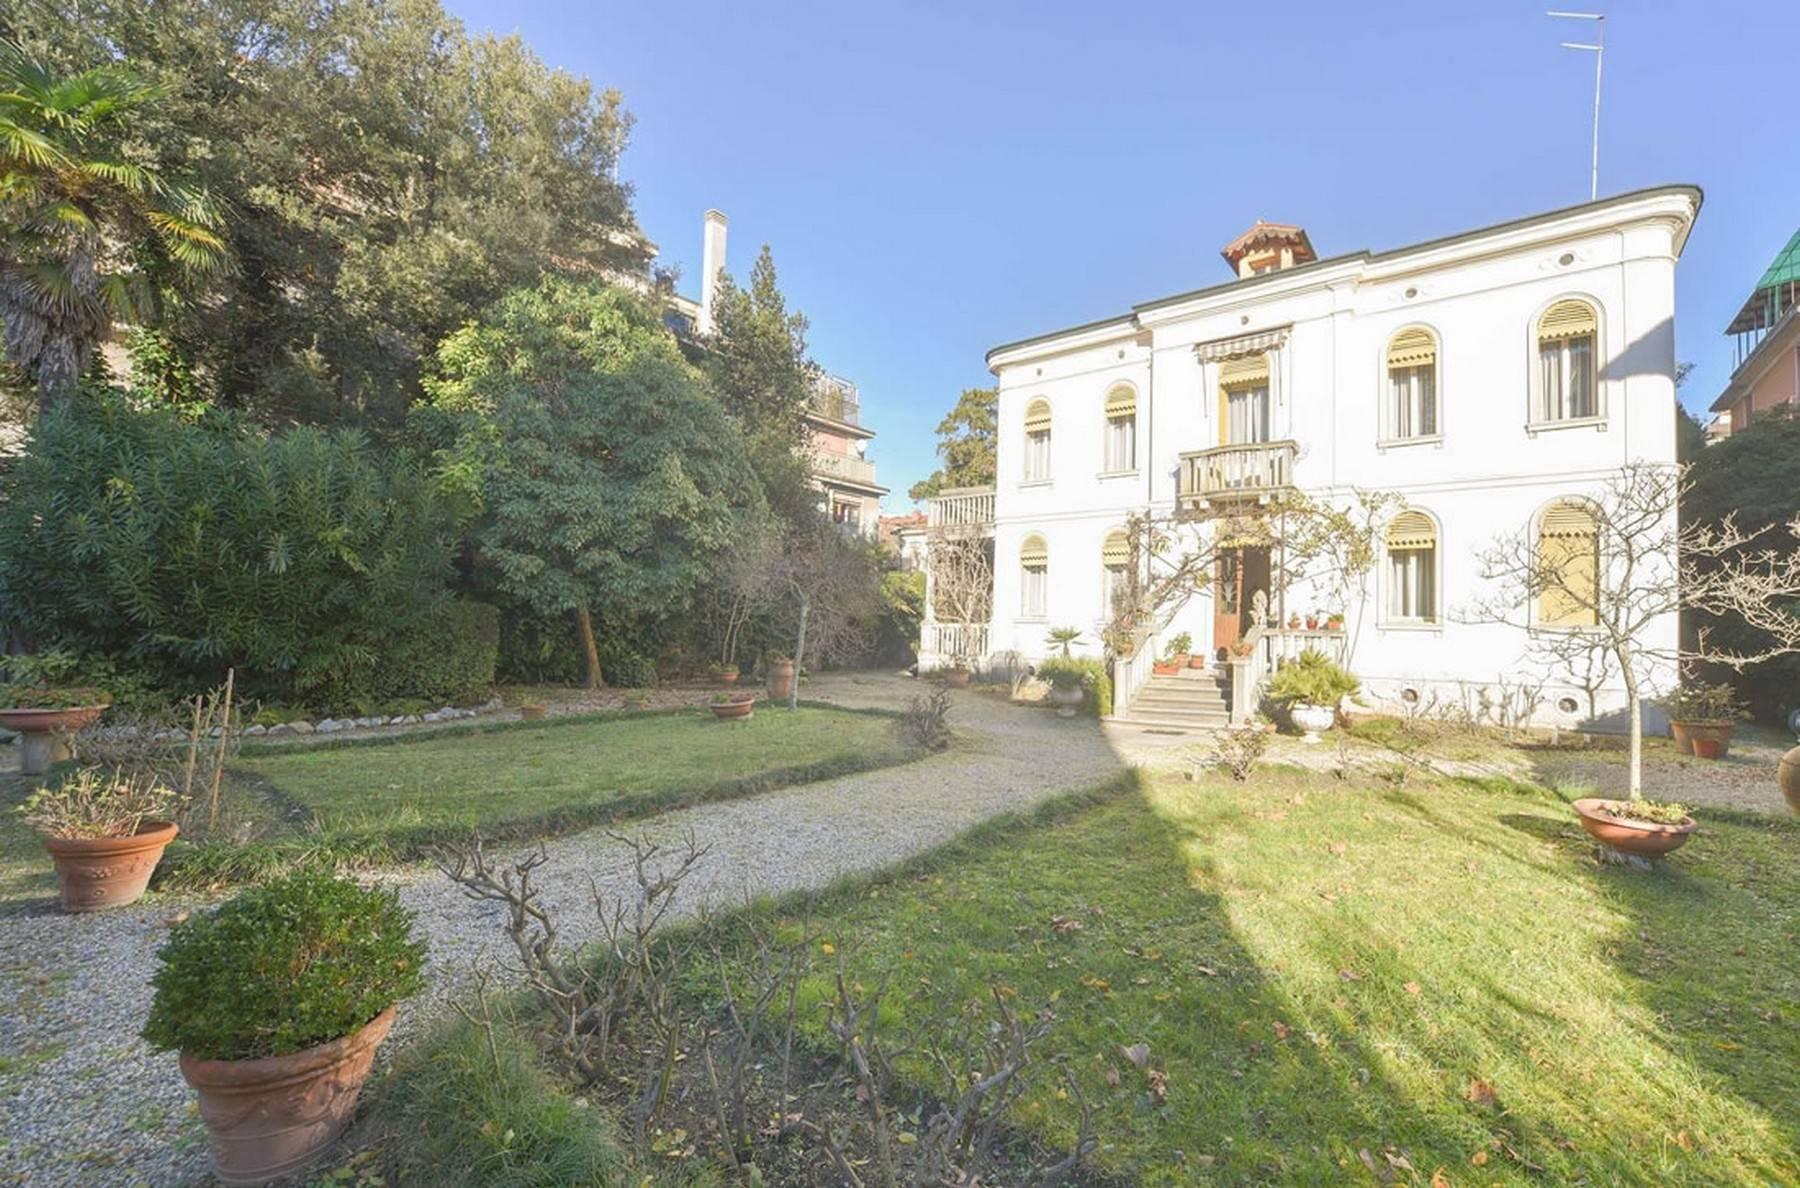 Villa Bianca dans le quartier du Lido - 1